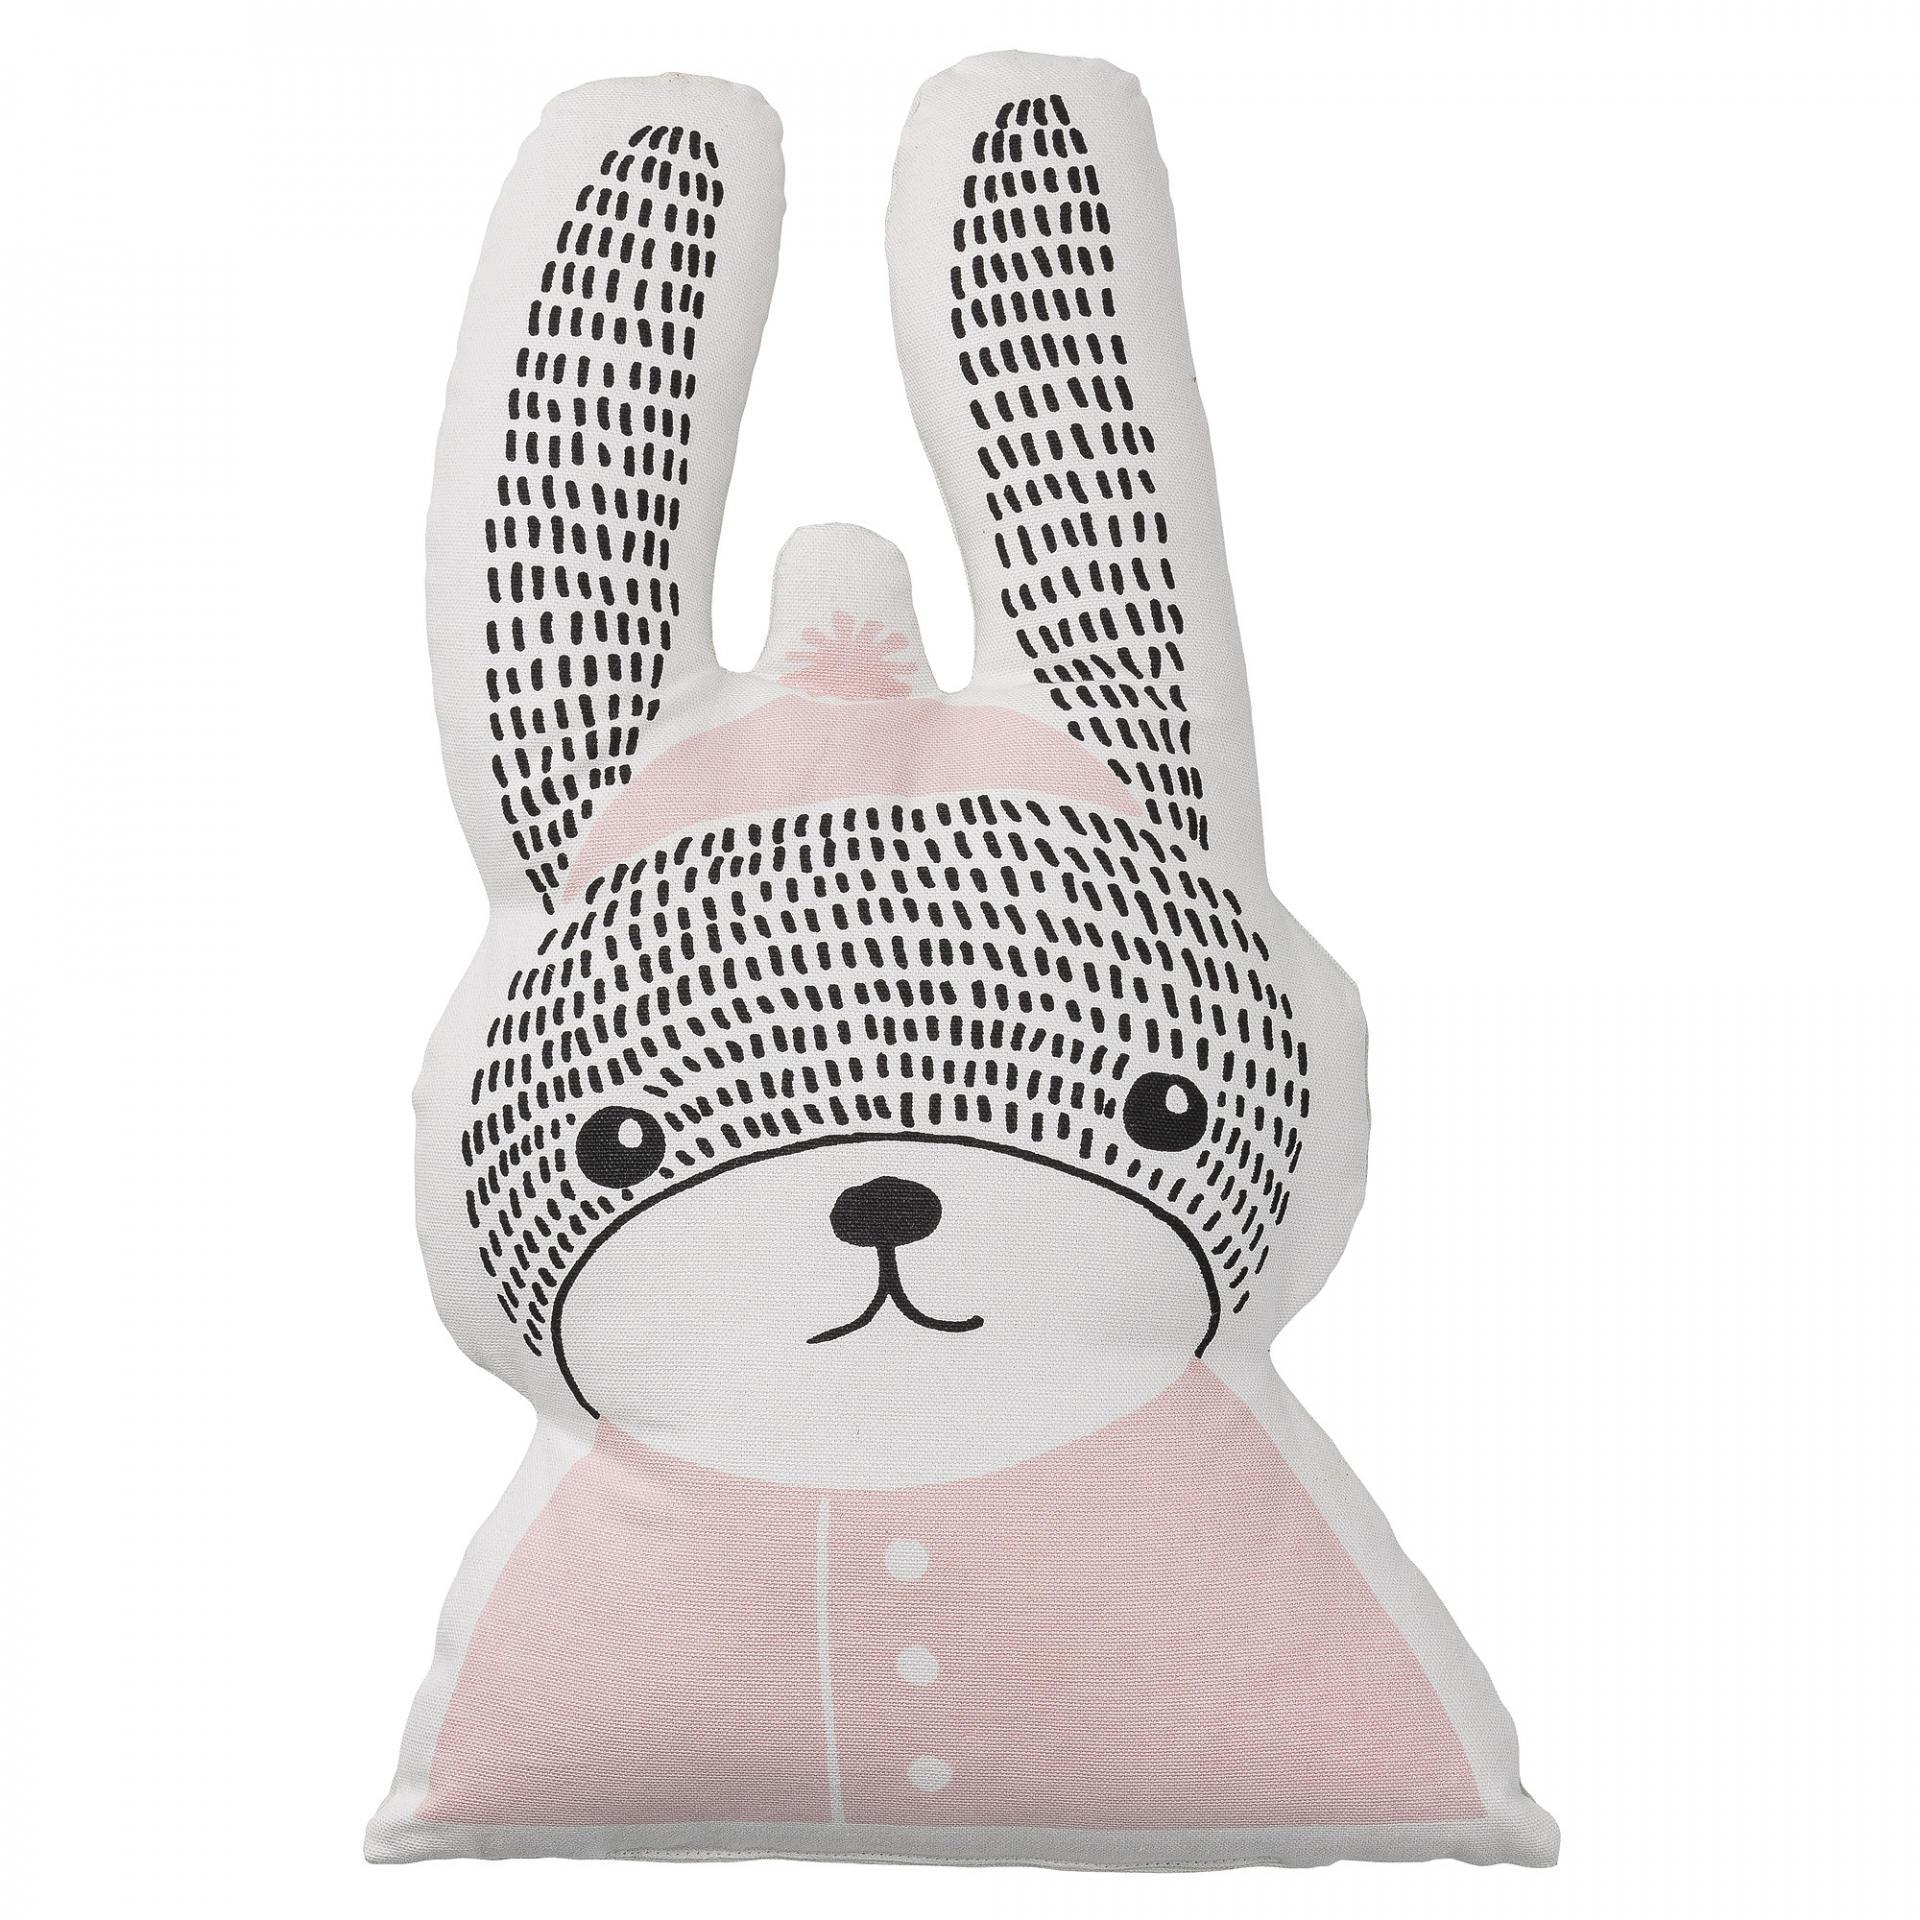 Bloomingville Dětský polštářek ve tvaru králíka Sophia Rabbit, růžová barva, bílá barva, textil